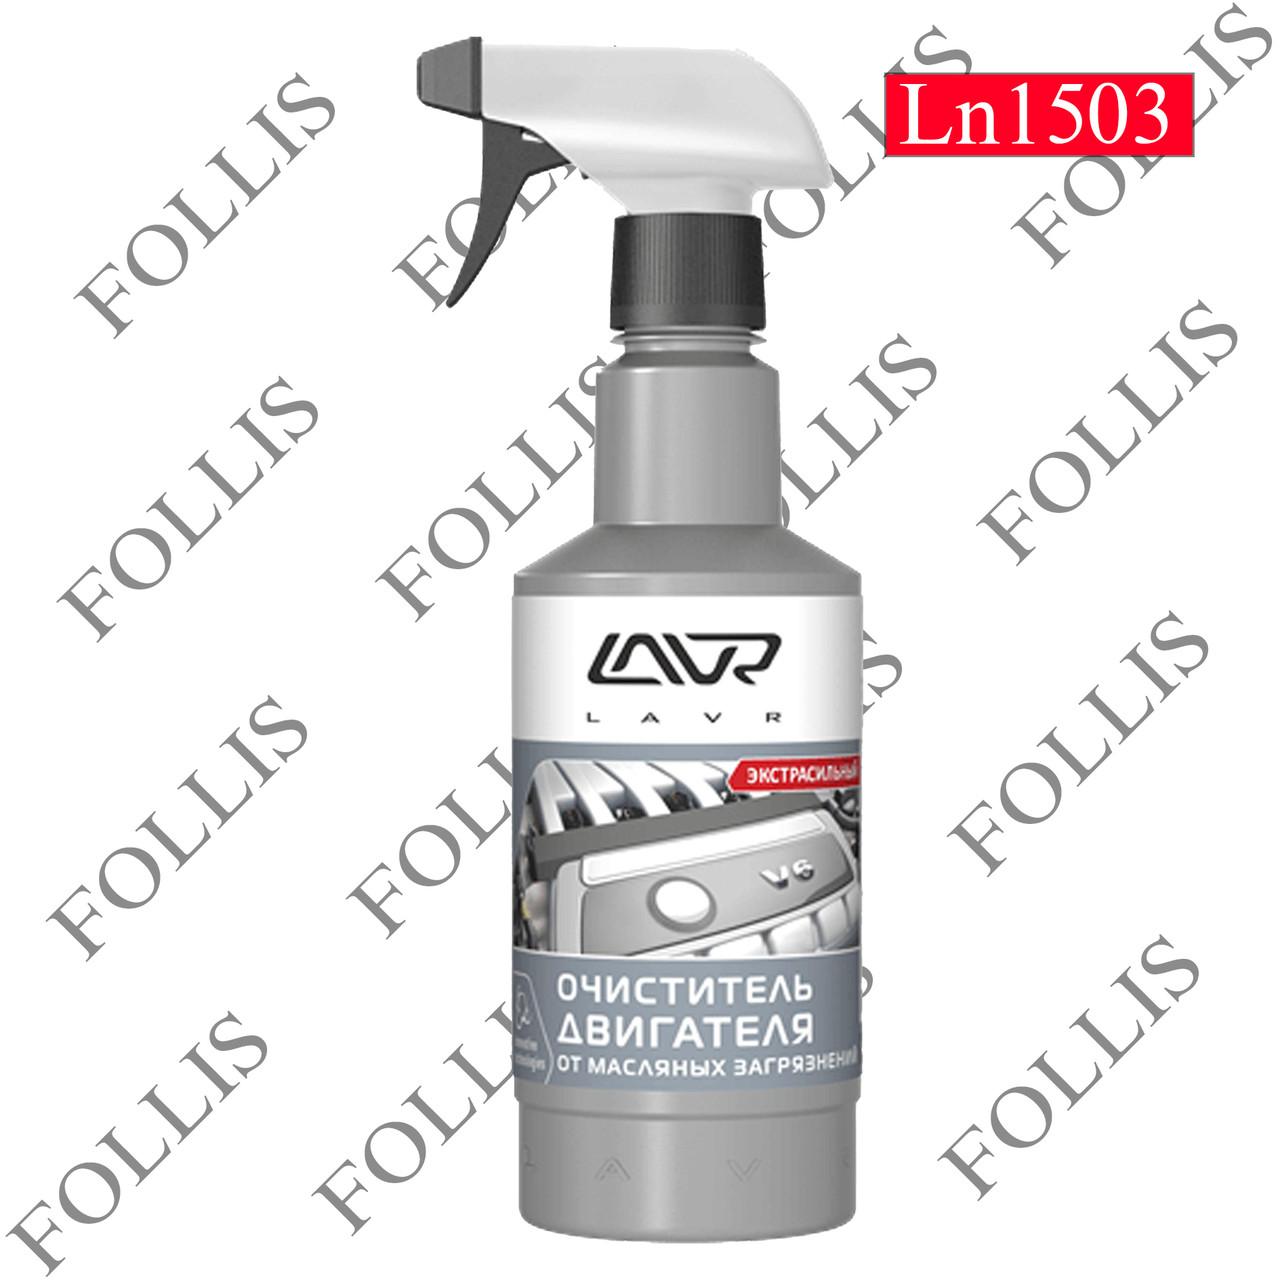 Очиститель двигателя от масляных загрязнений с триггером LAVR Oil spots motor cleaner 500мл